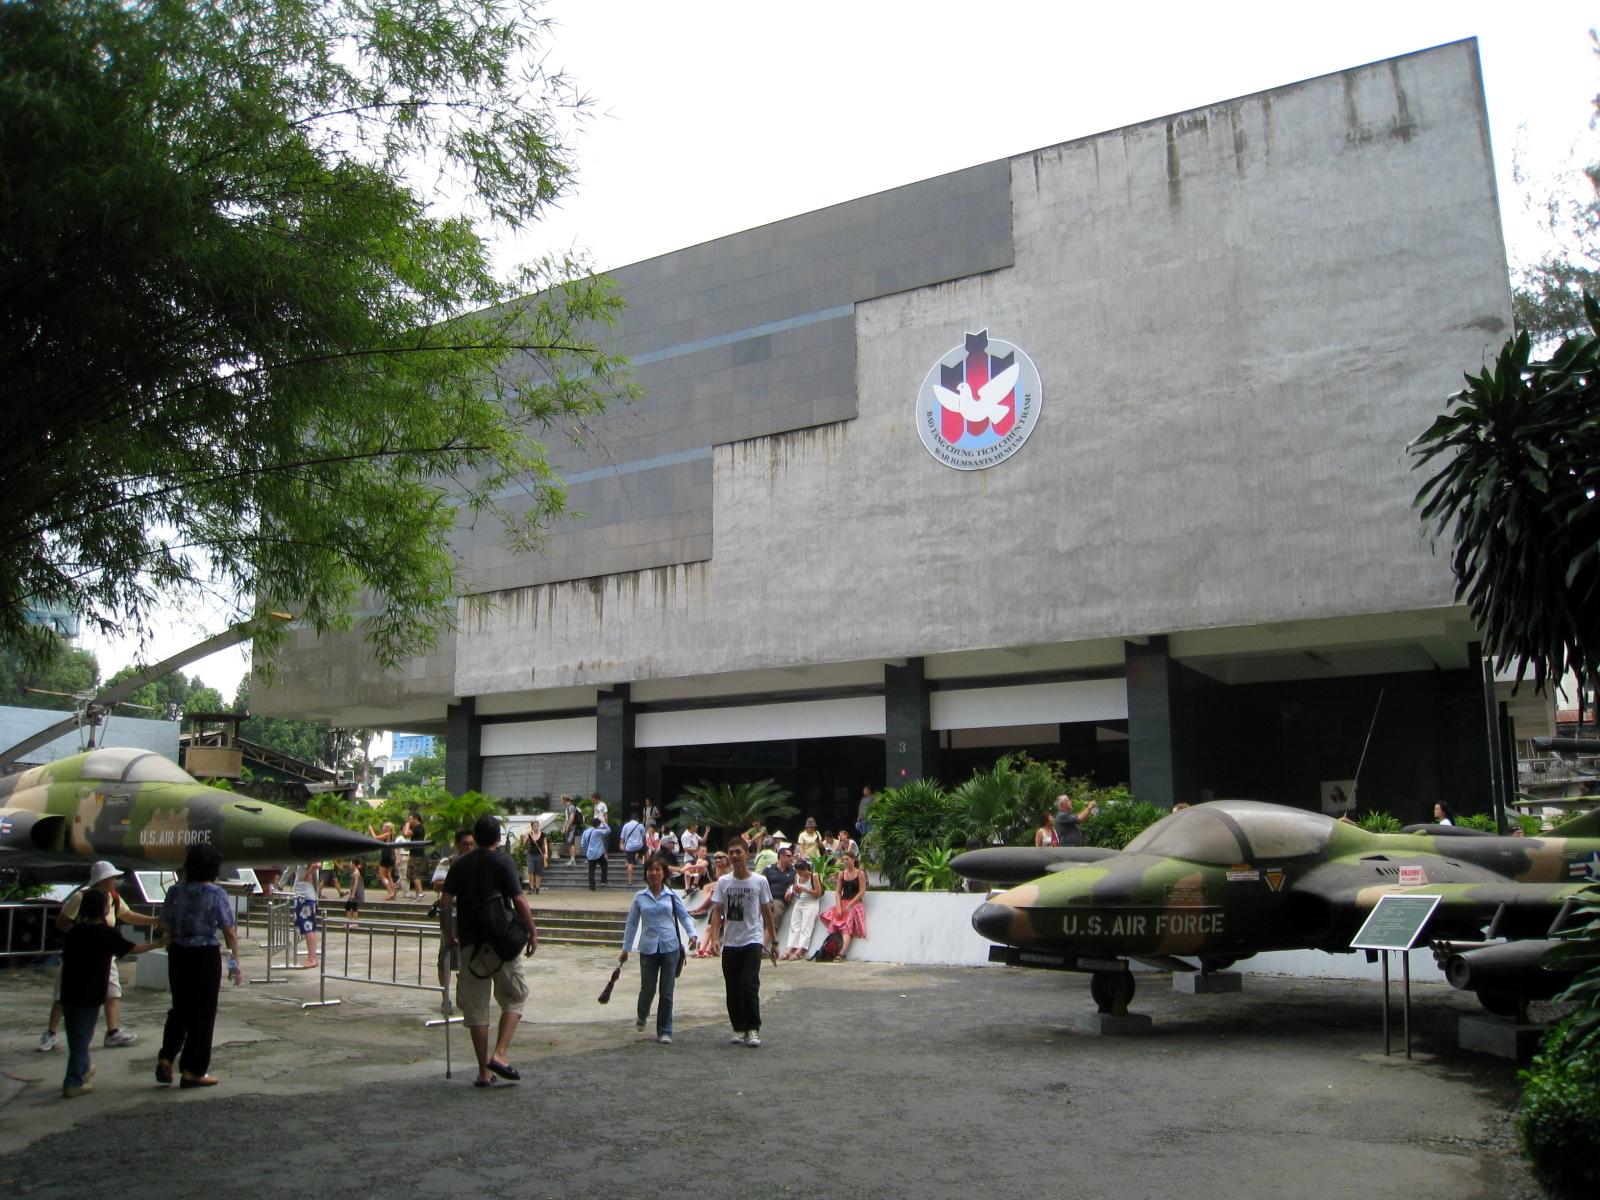 戰爭遺跡博物館 https://commons.wikimedia.org/wiki/File:War_Remnants_Museum_Main_Bulidng.jpg